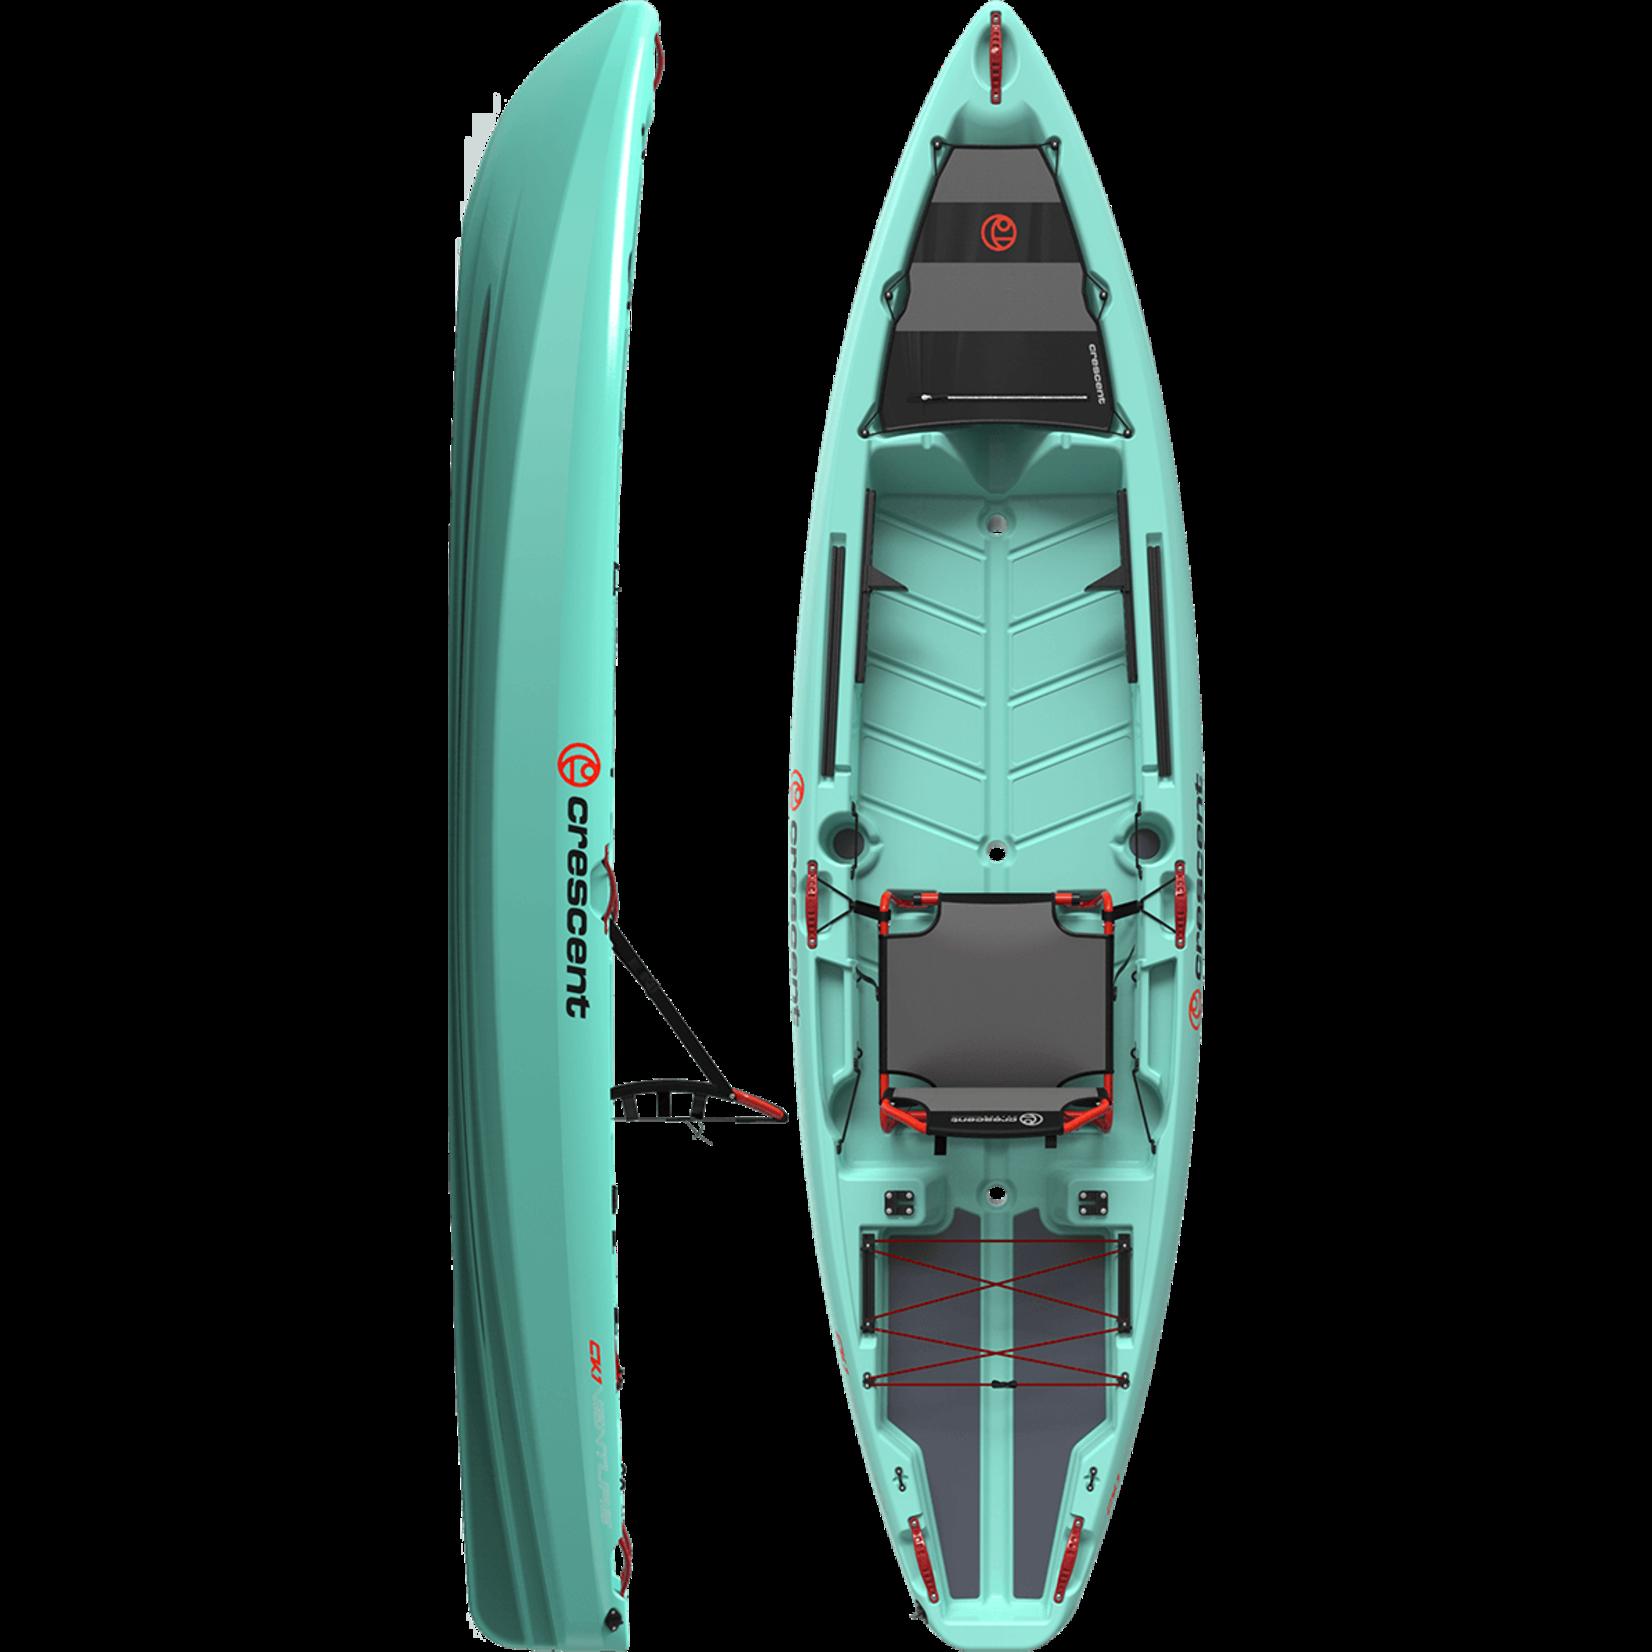 Crescent Kayaks Crescent Kayak CK1 Venture